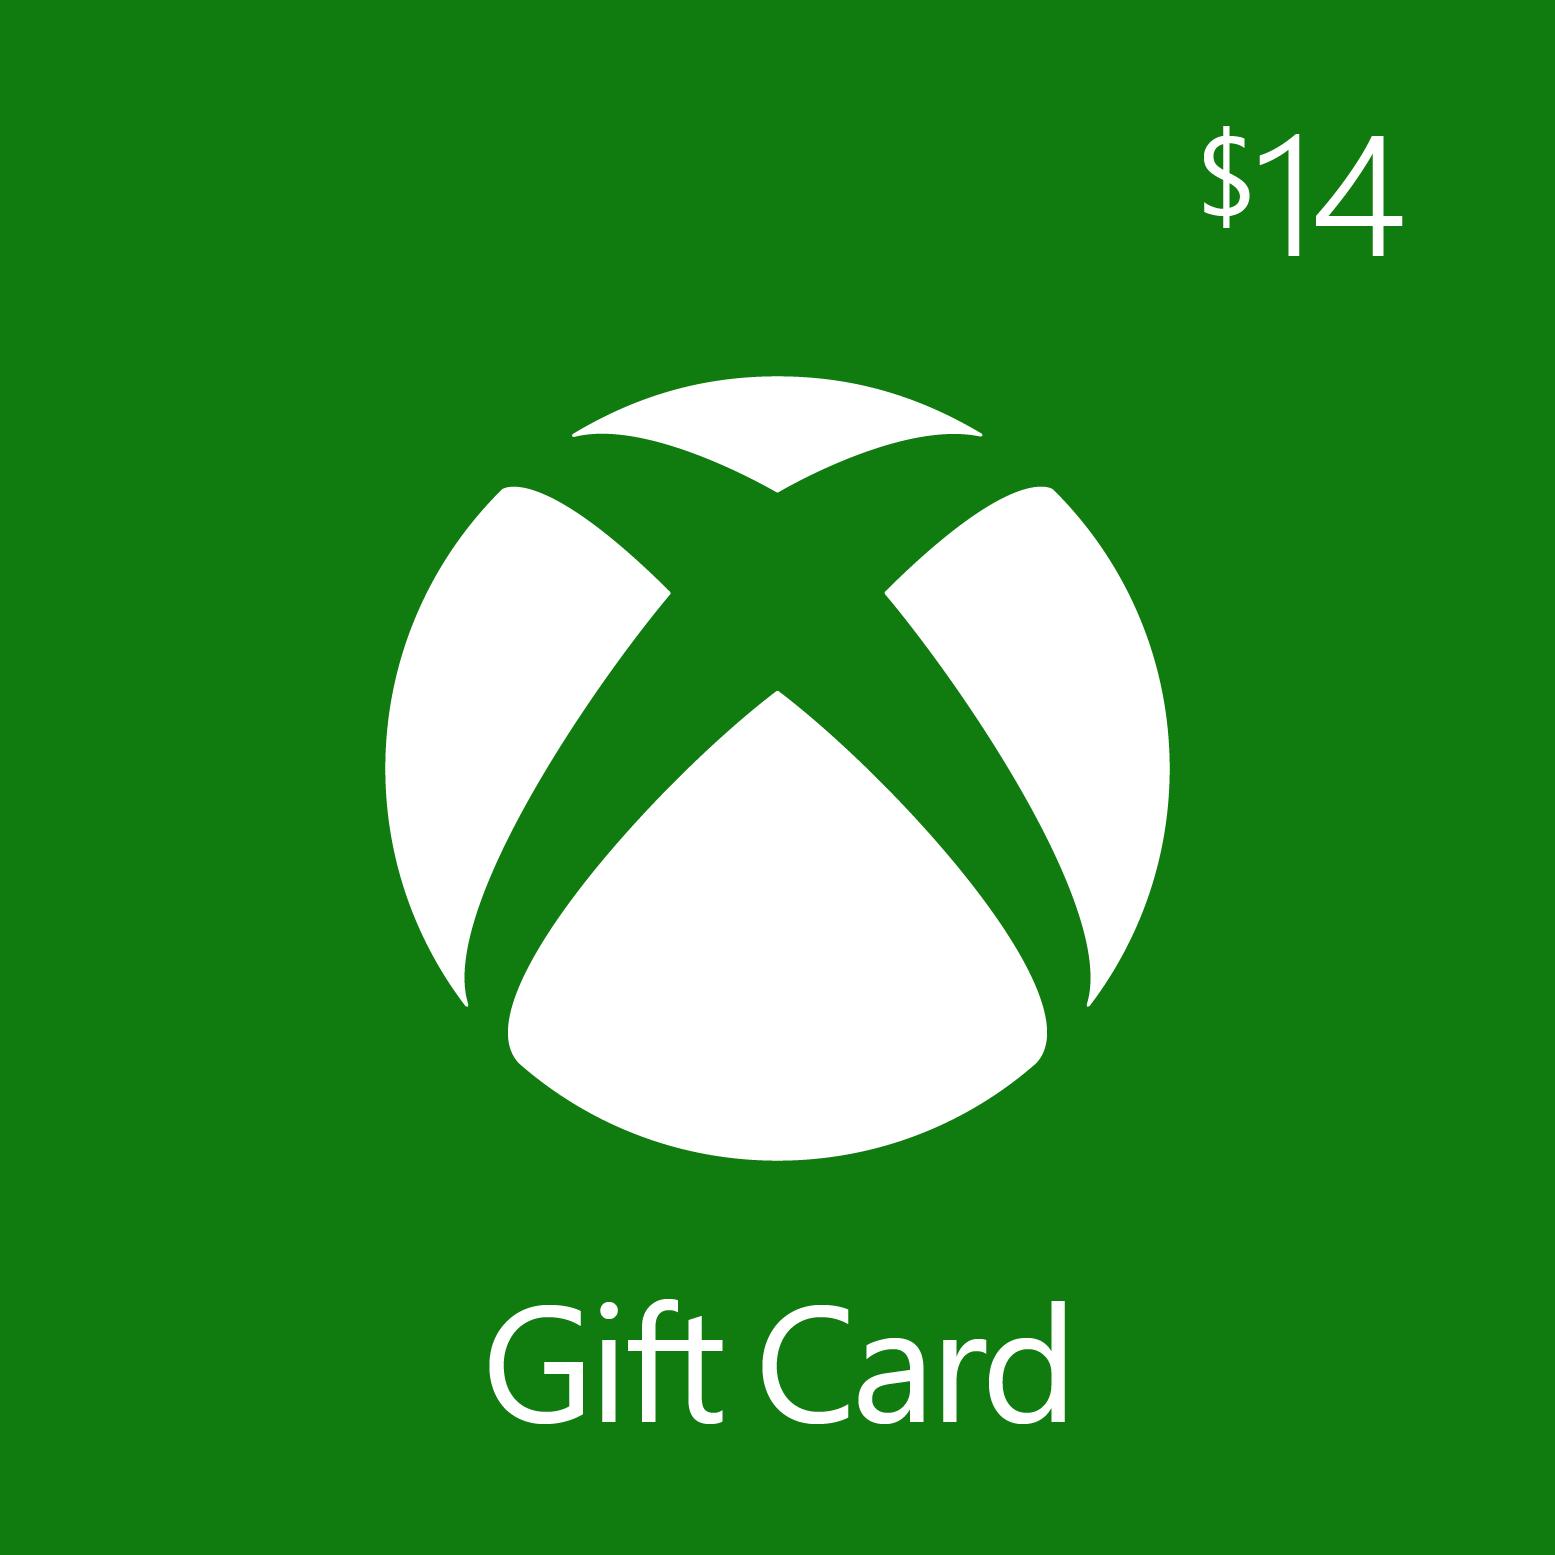 $14.00 Xbox Digital Gift Card